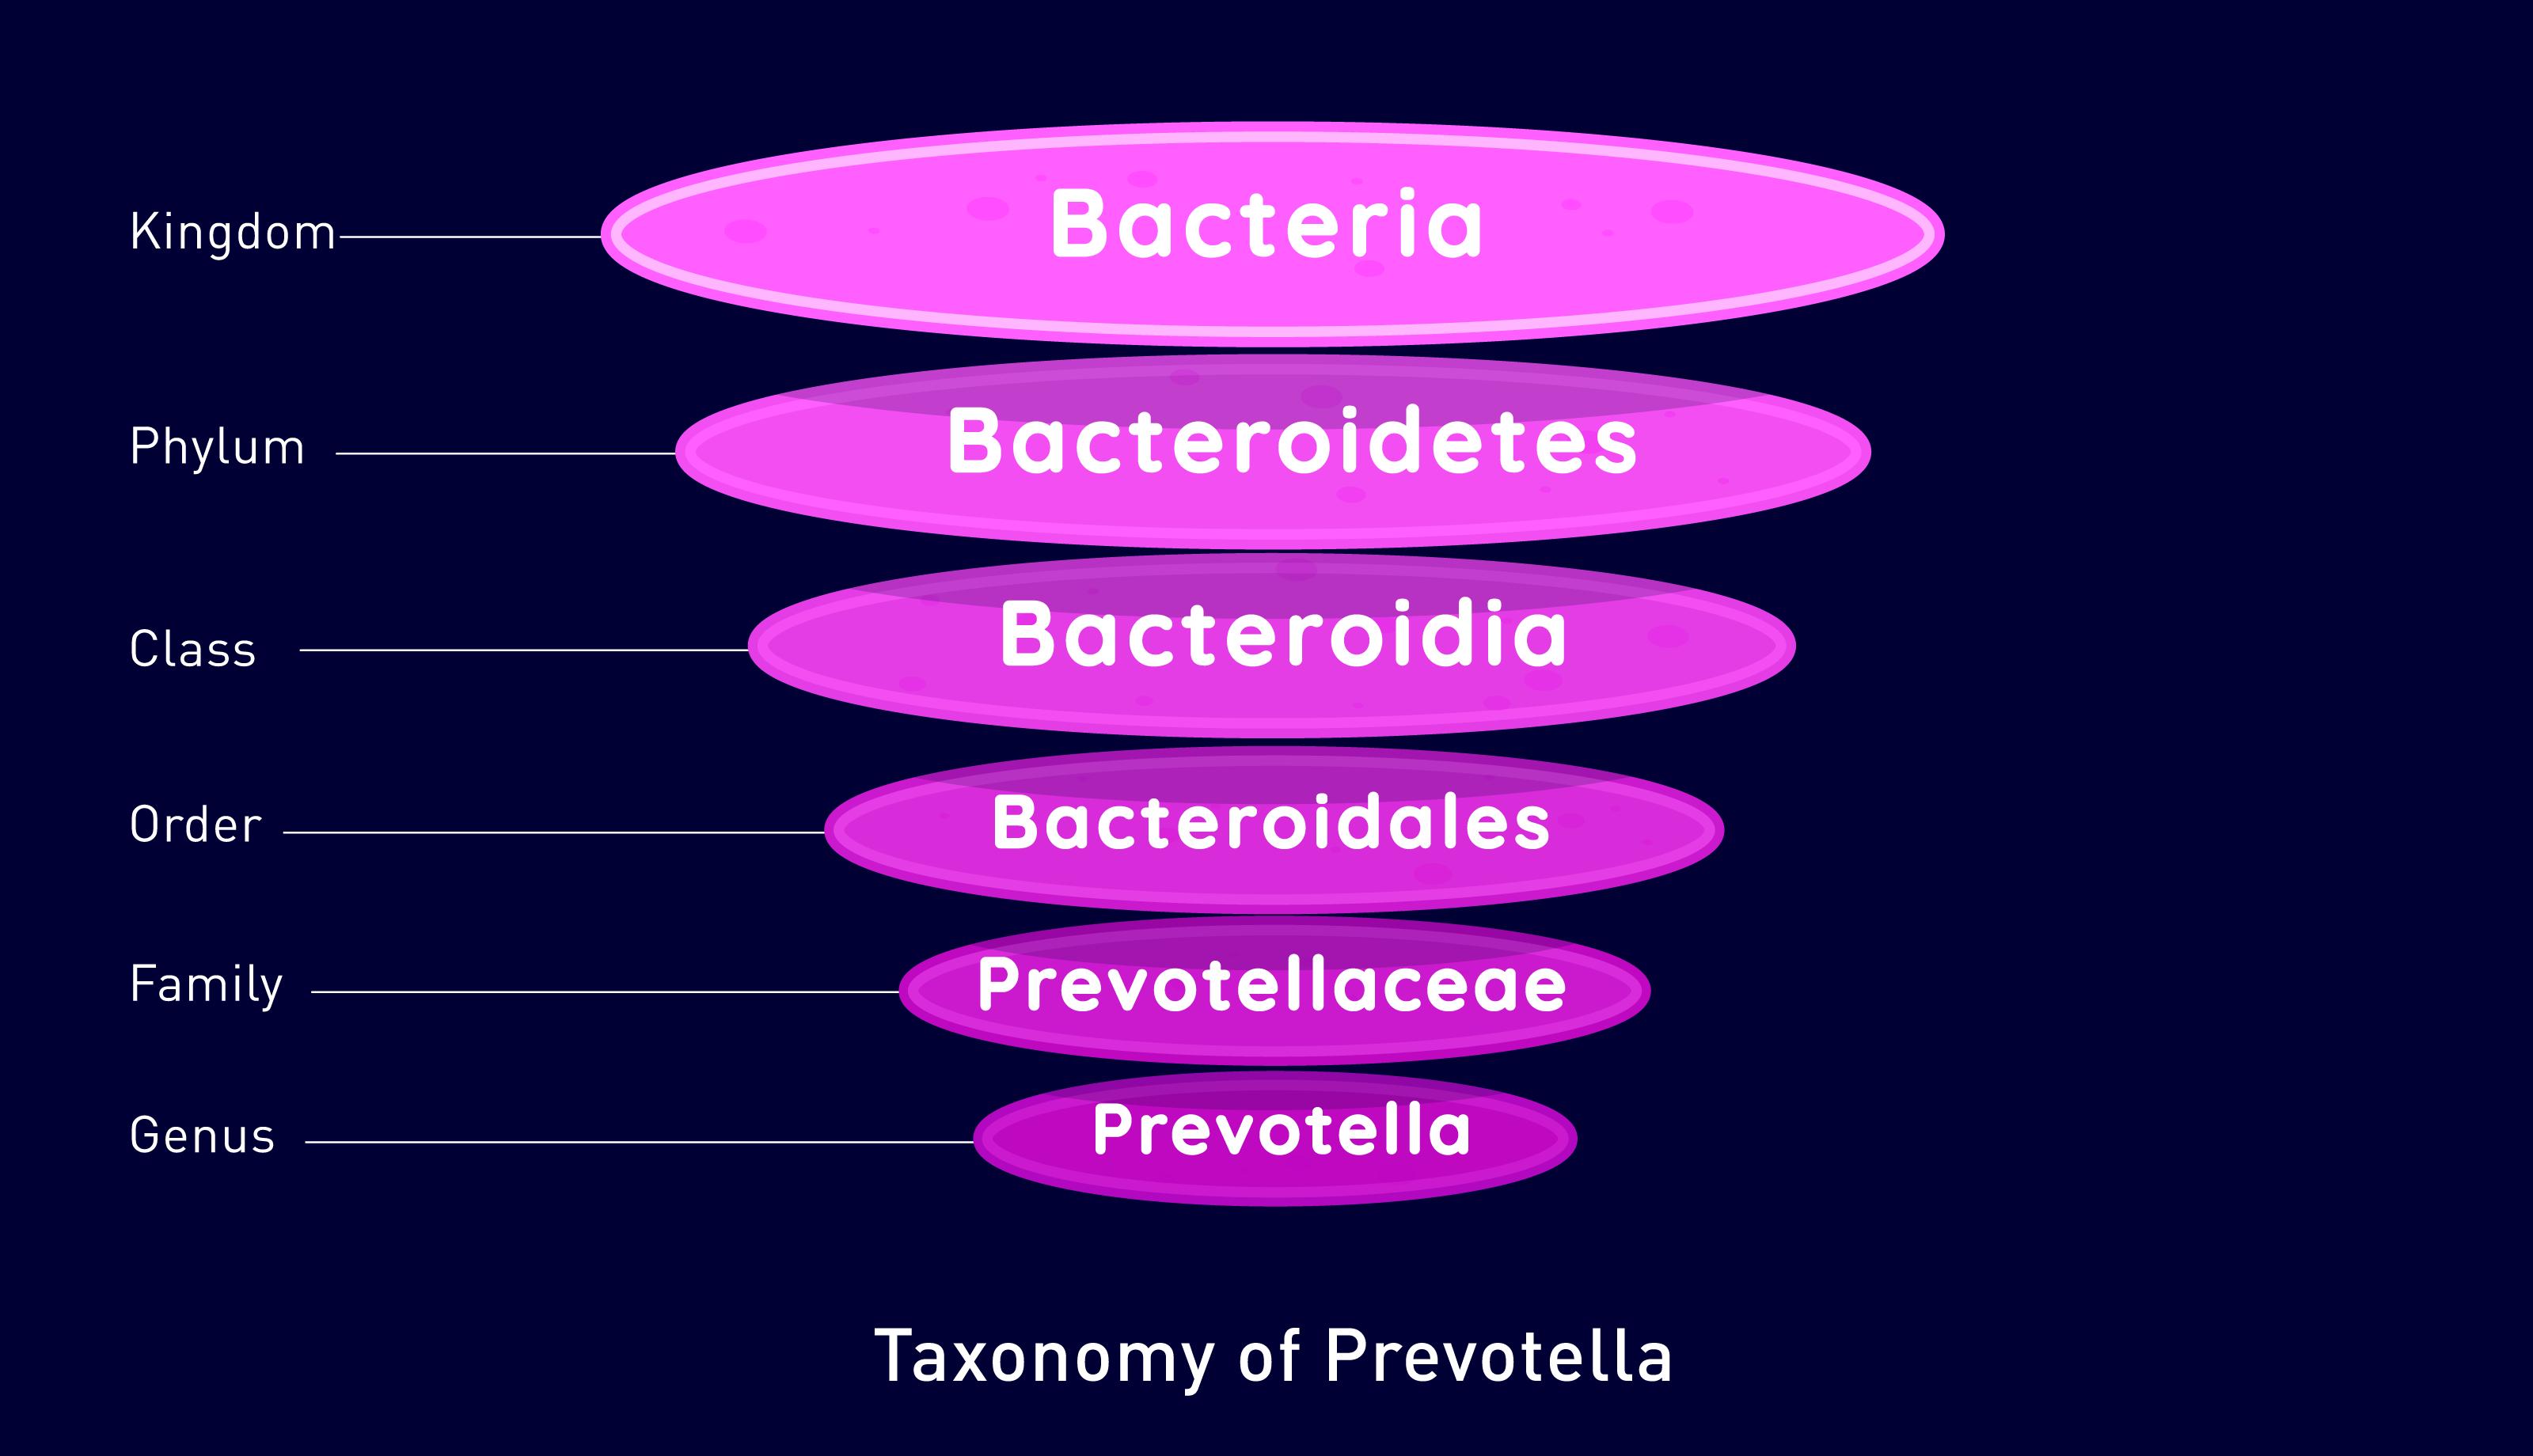 Prevotella bacteria